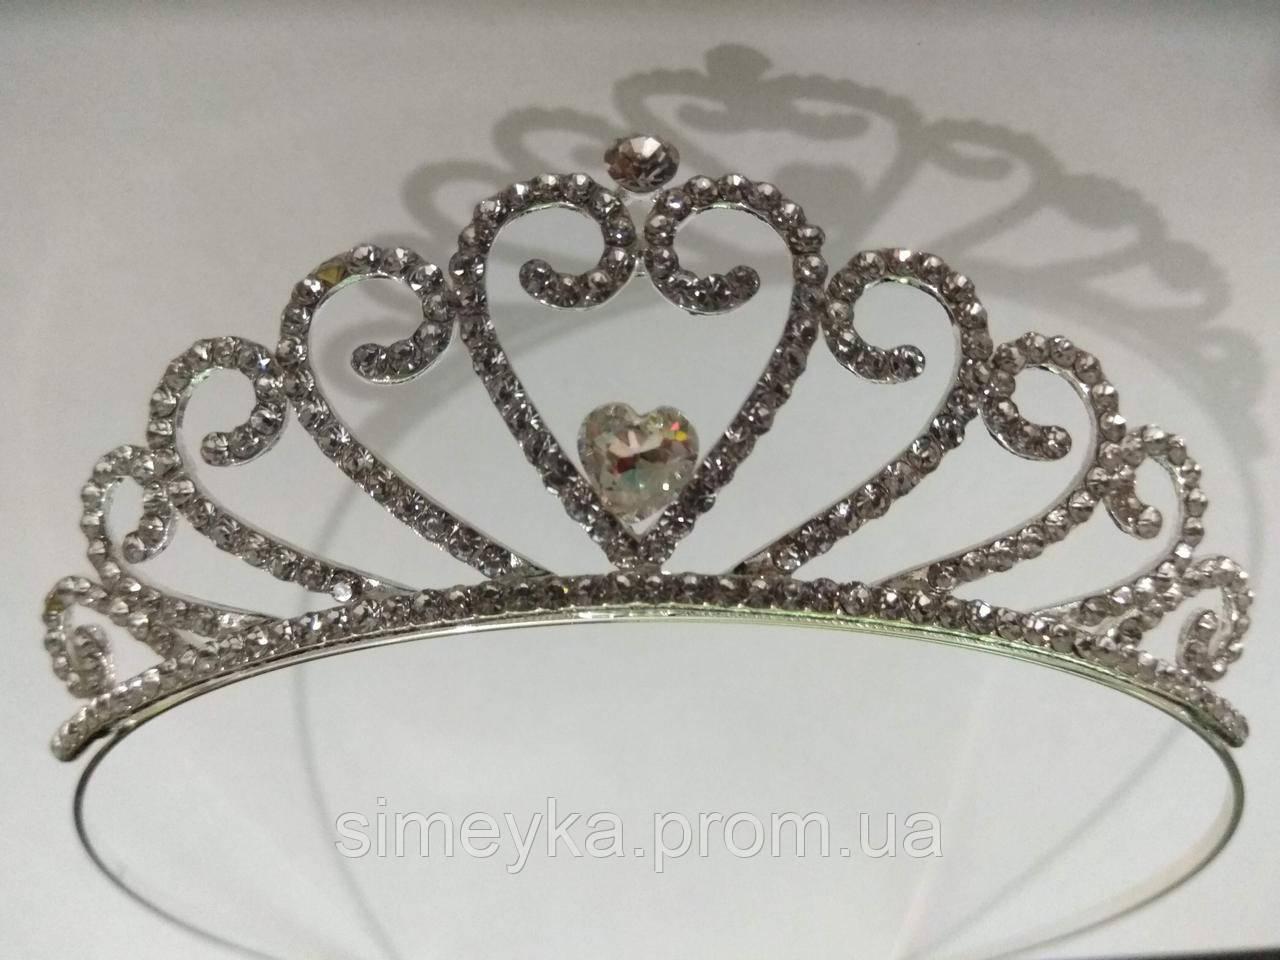 Діадема (корона, тіара) на обручі, довжина 10 см, висота 3,3 см